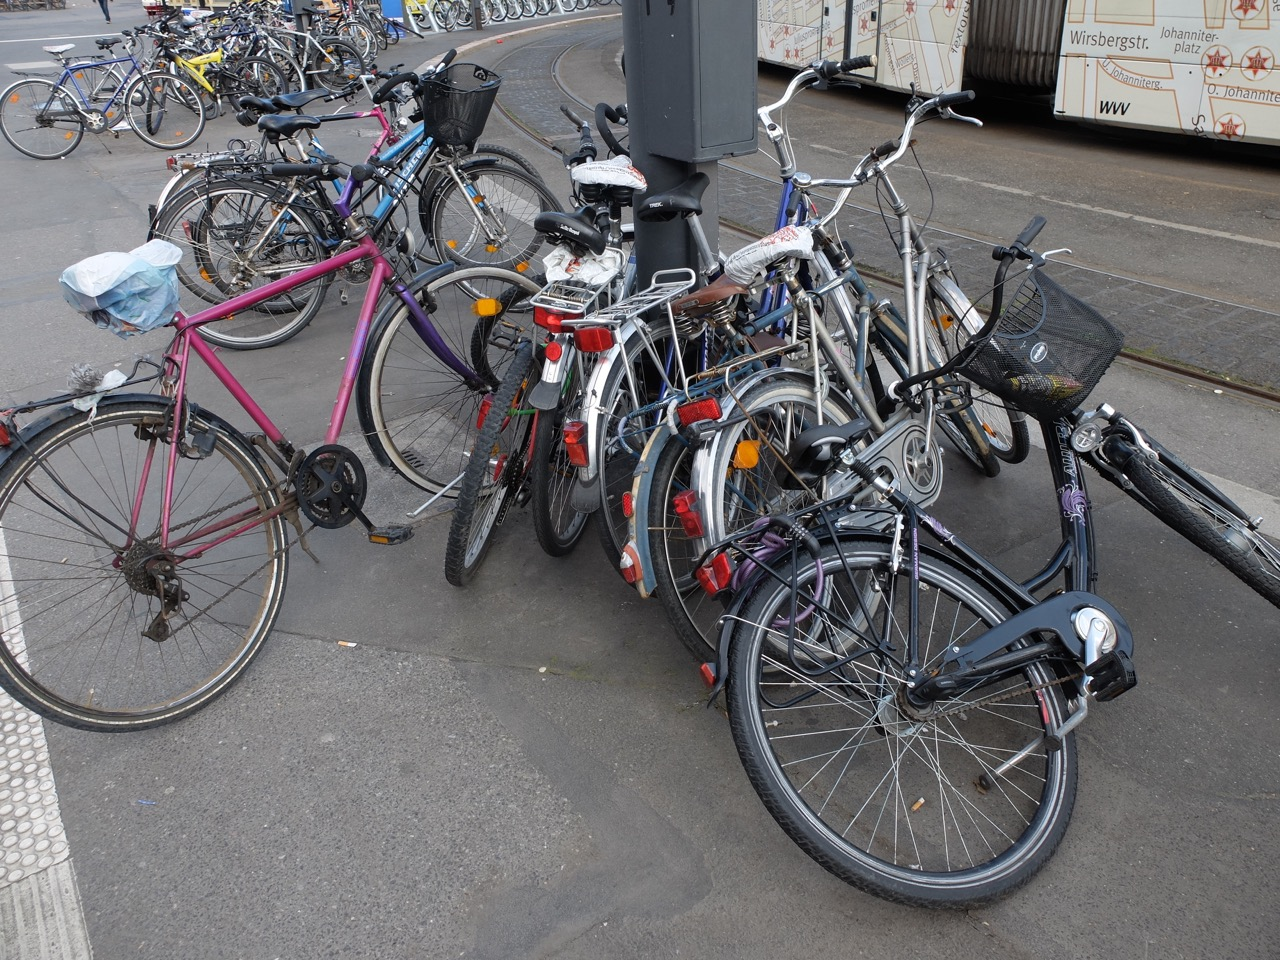 Chaos beim Parken am Würzburger Hauptbahnhof